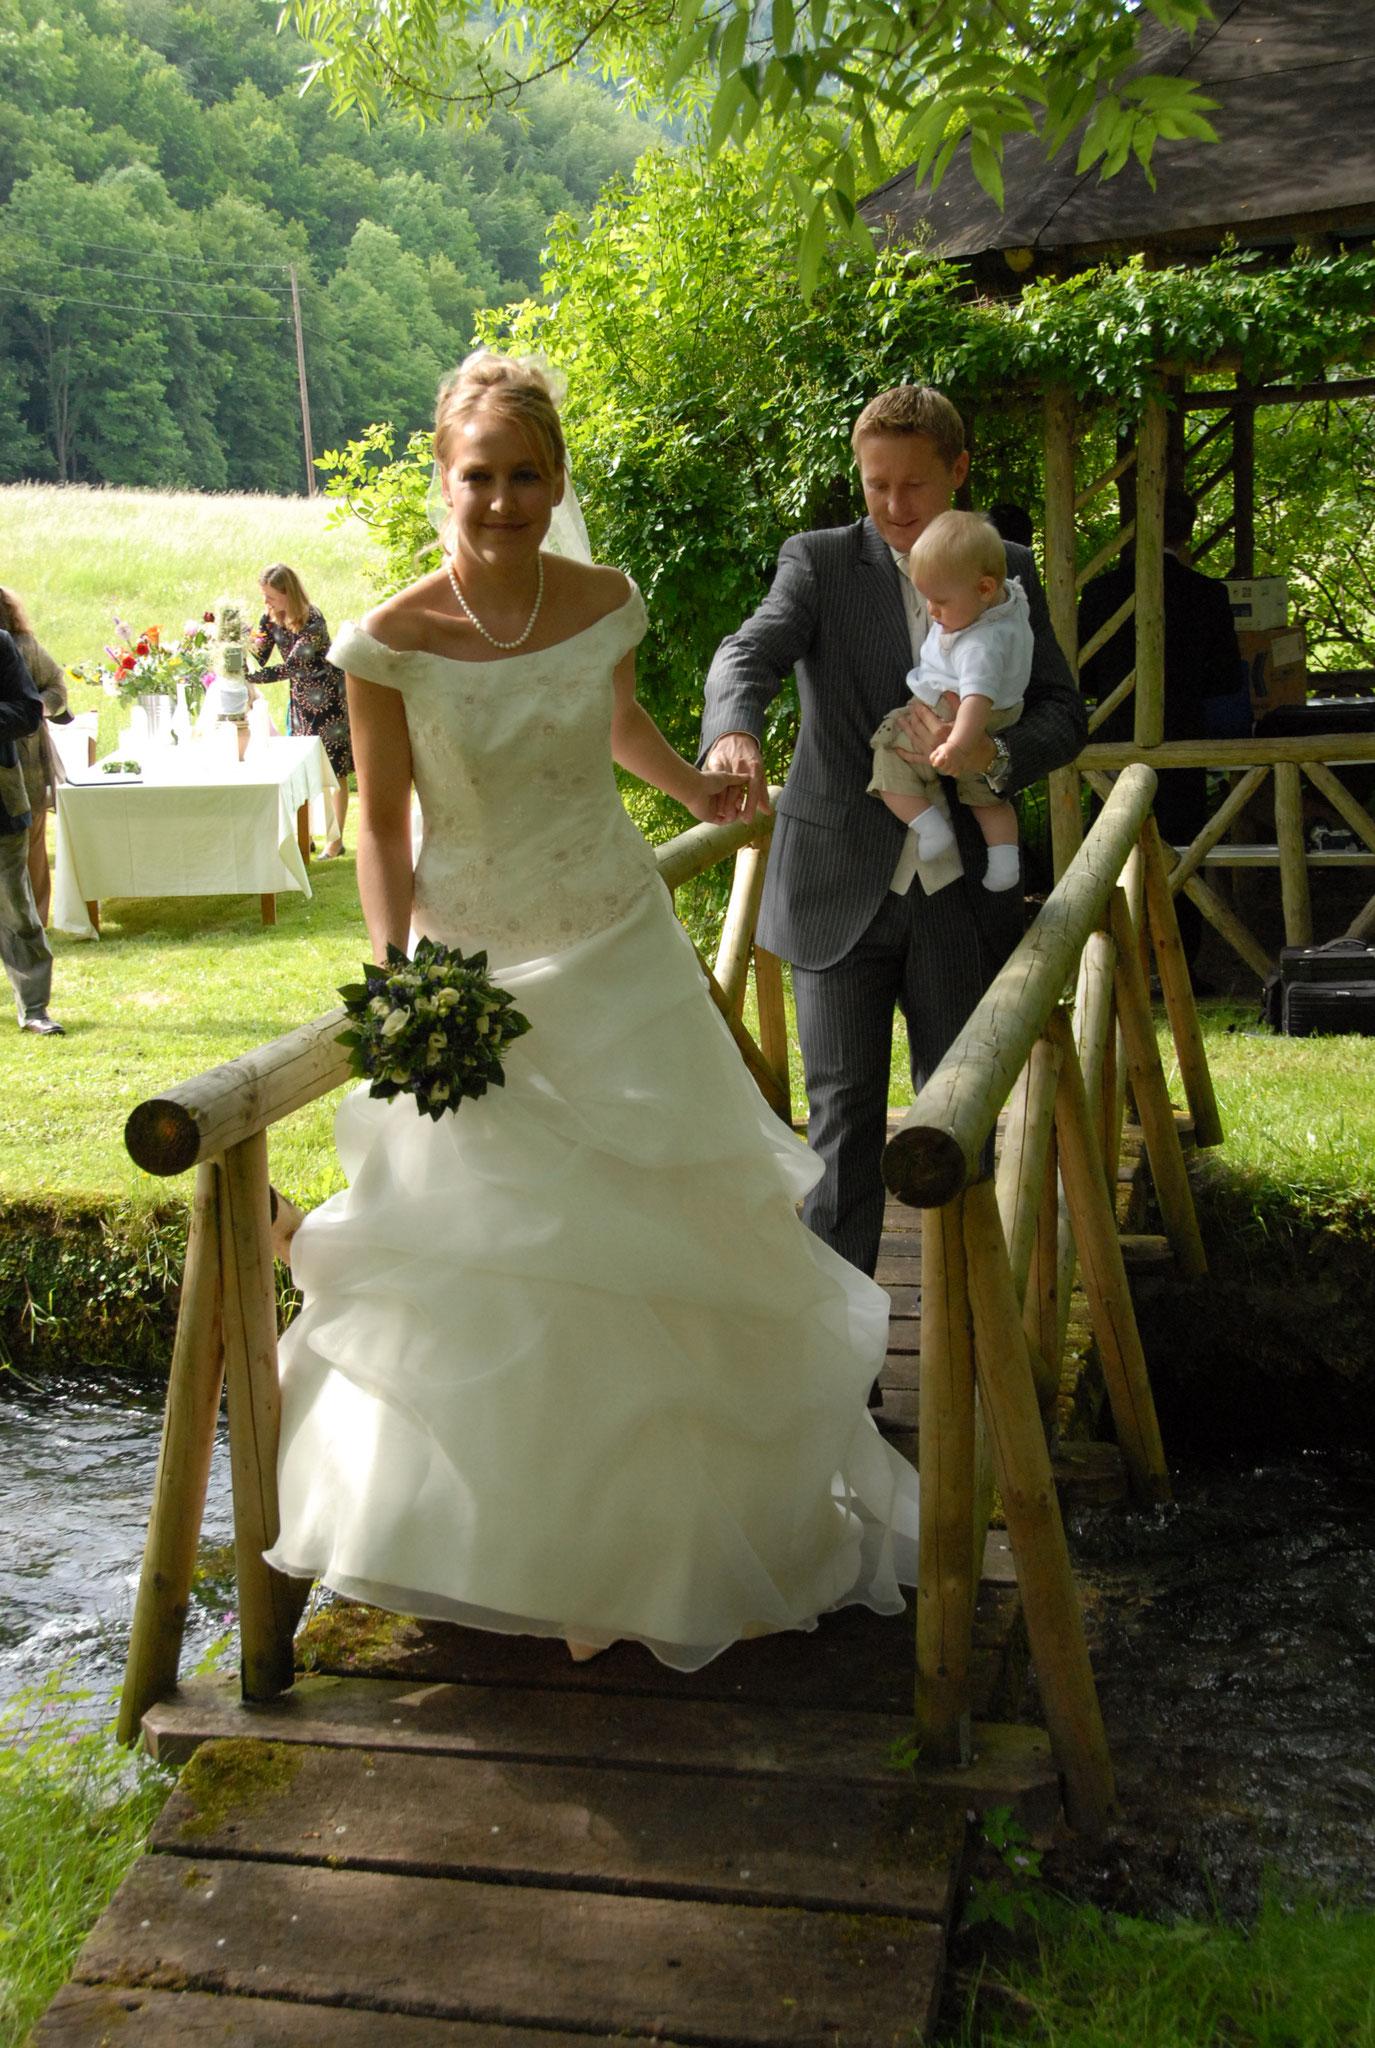 Feiert eure Hochzeit, wie ihr sie euch vorstellt! Freie Traurednerin | Freie Trauung | Emotionen pur | Trau dich mit Emma